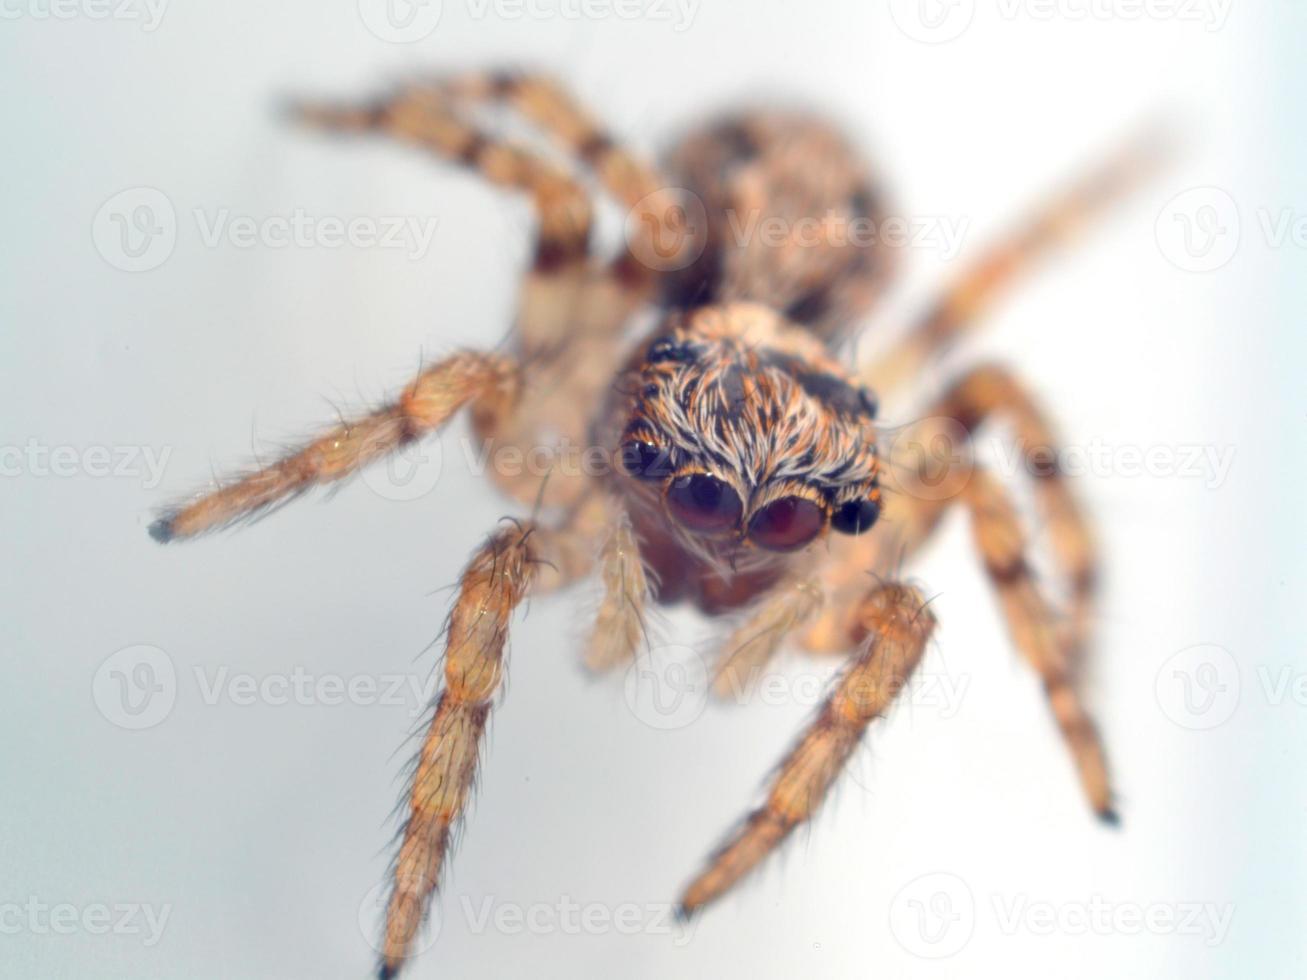 casa araña saltarina foto